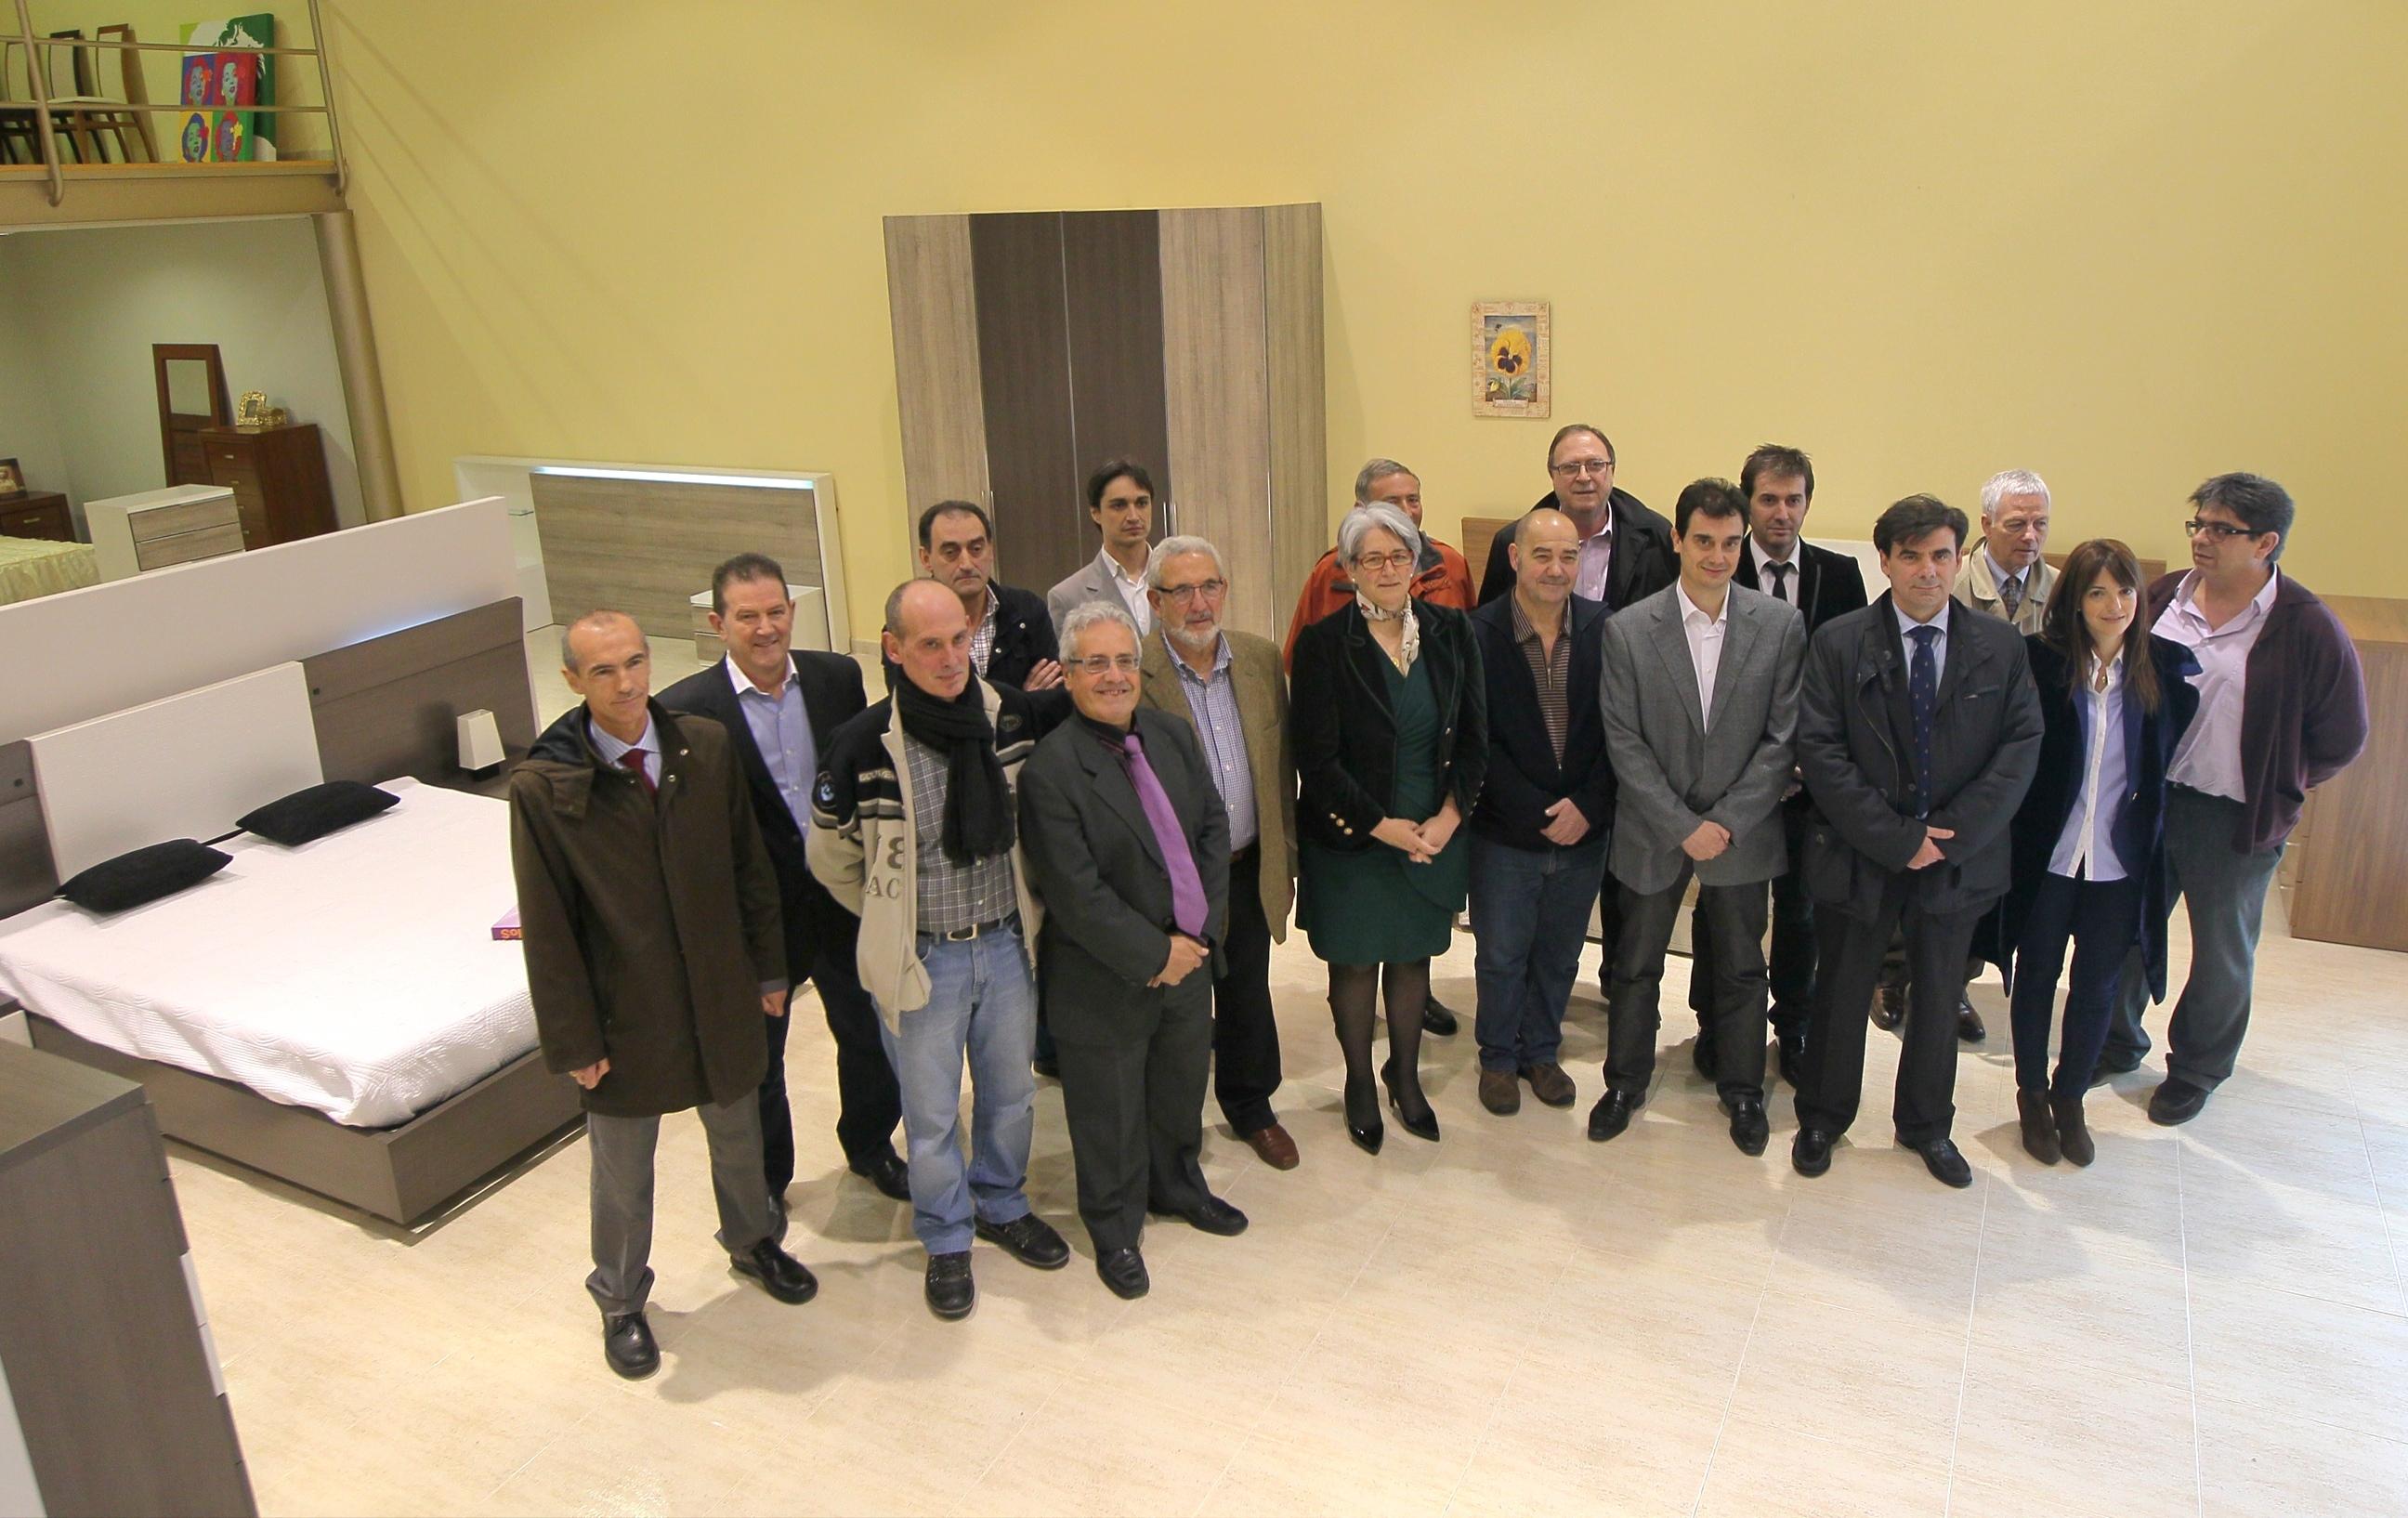 El Gobierno De Navarra Y Anel Apoyaron 5 Procesos De Reconversi N  # Muebles Lourdes